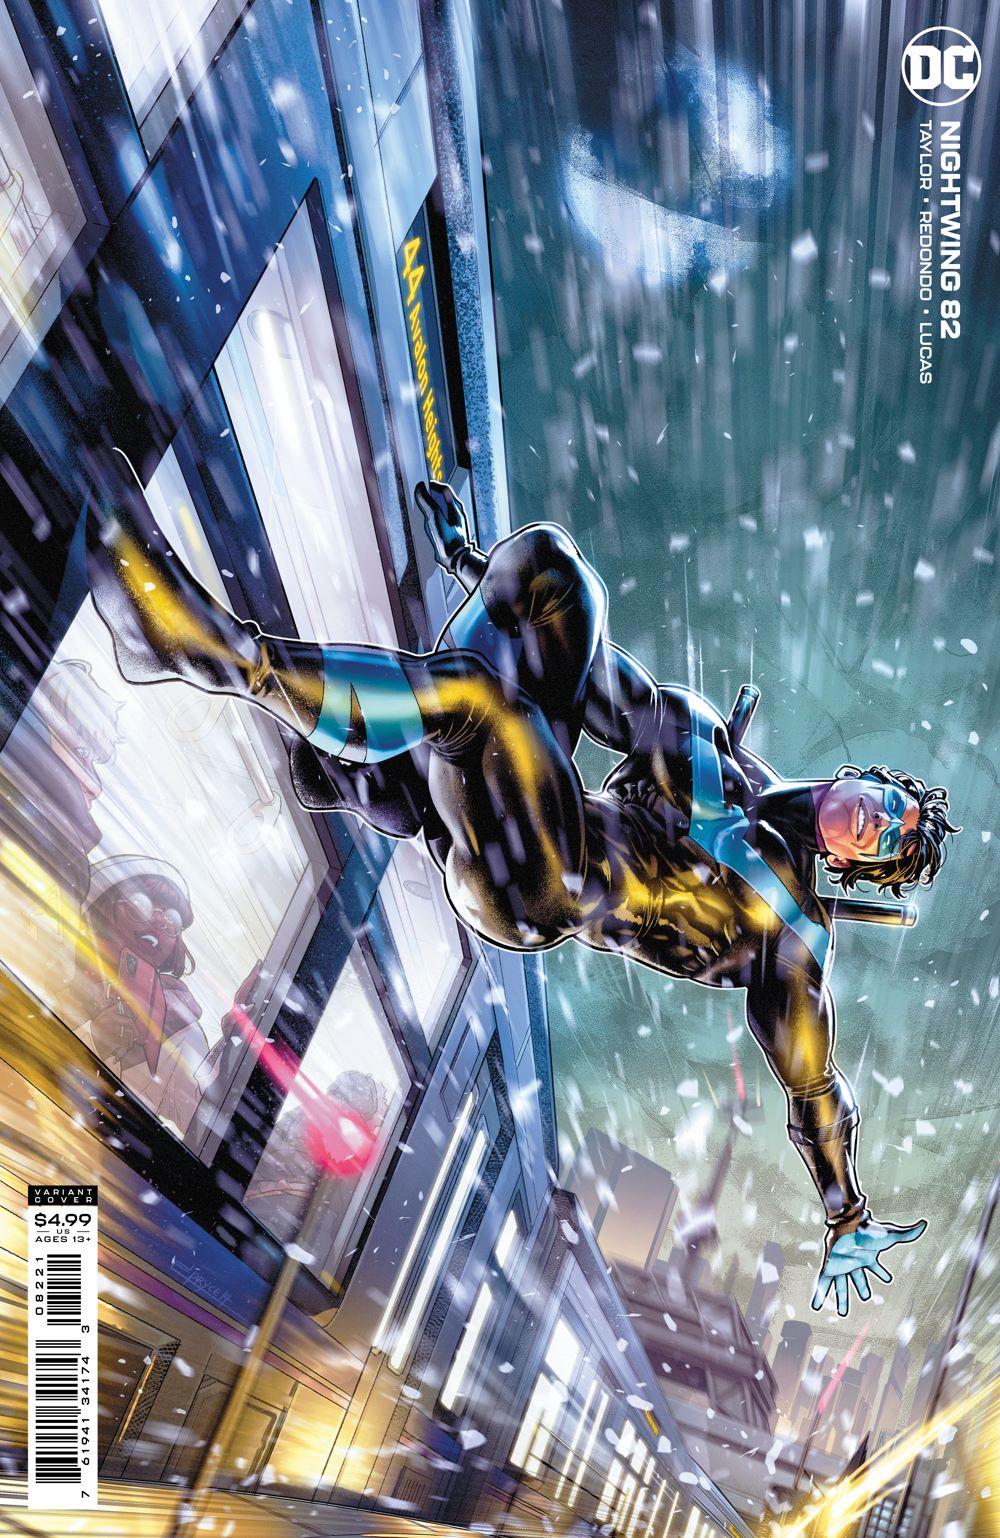 NTW_Cv82_var DC Comics July 2021 Solicitations